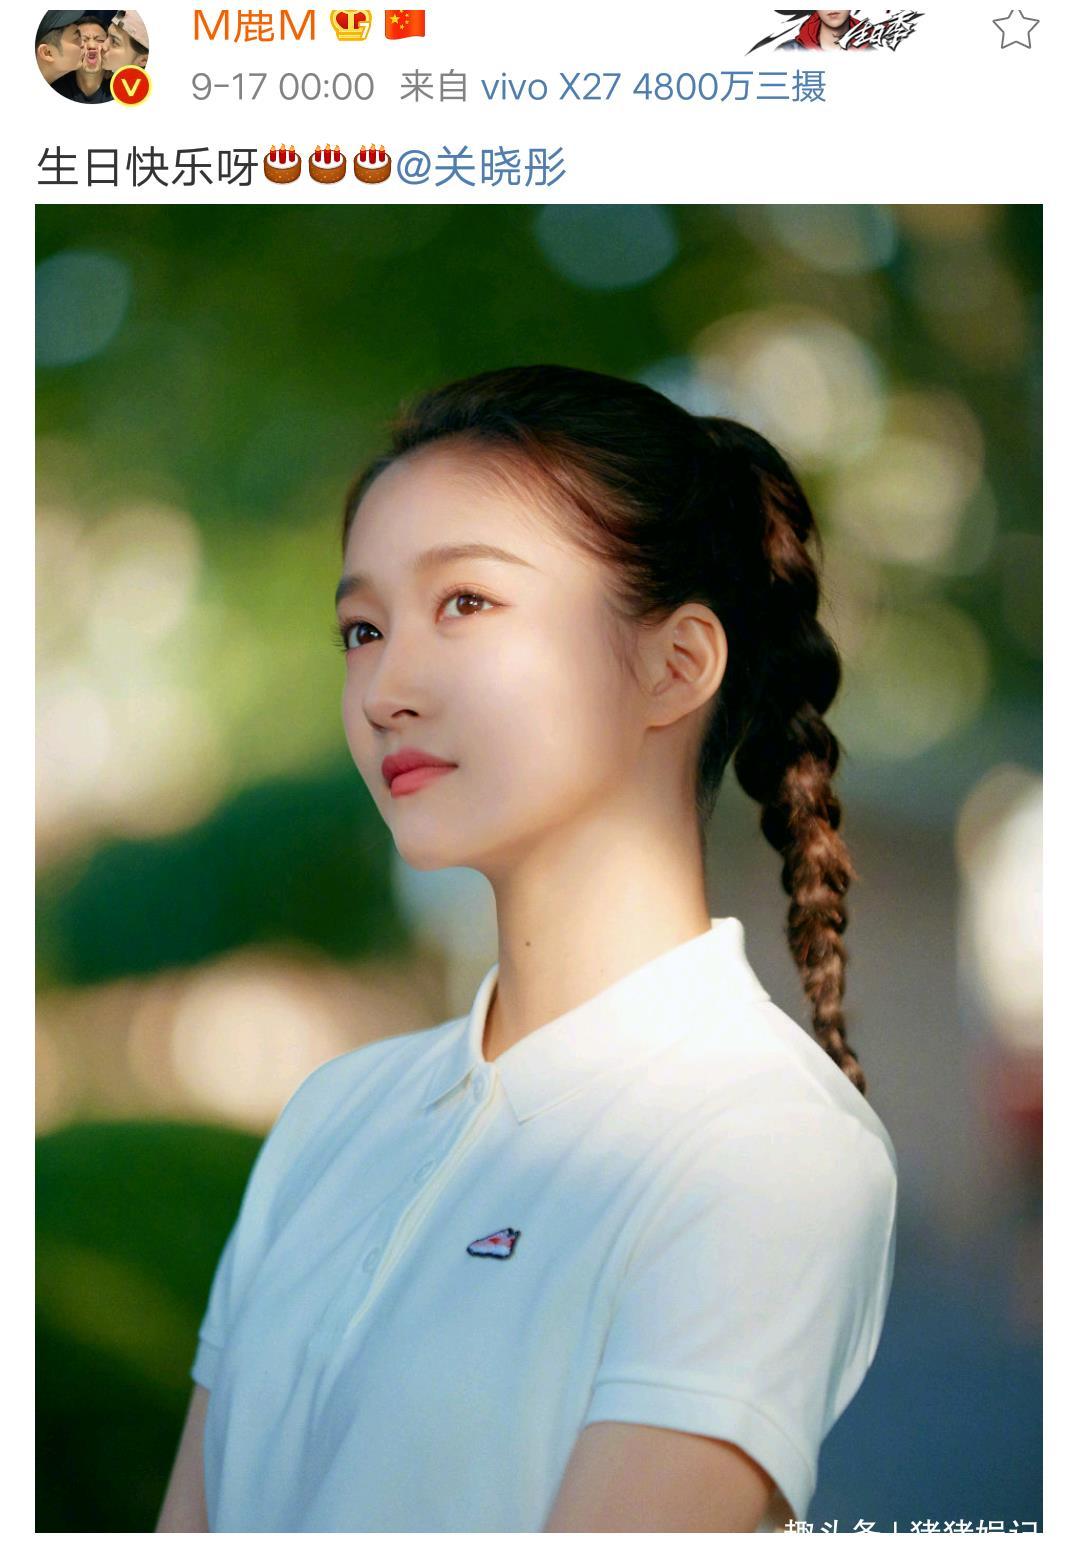 鹿晗准时零点为关晓彤庆生,分隔两地不忘甜蜜秀恩爱!